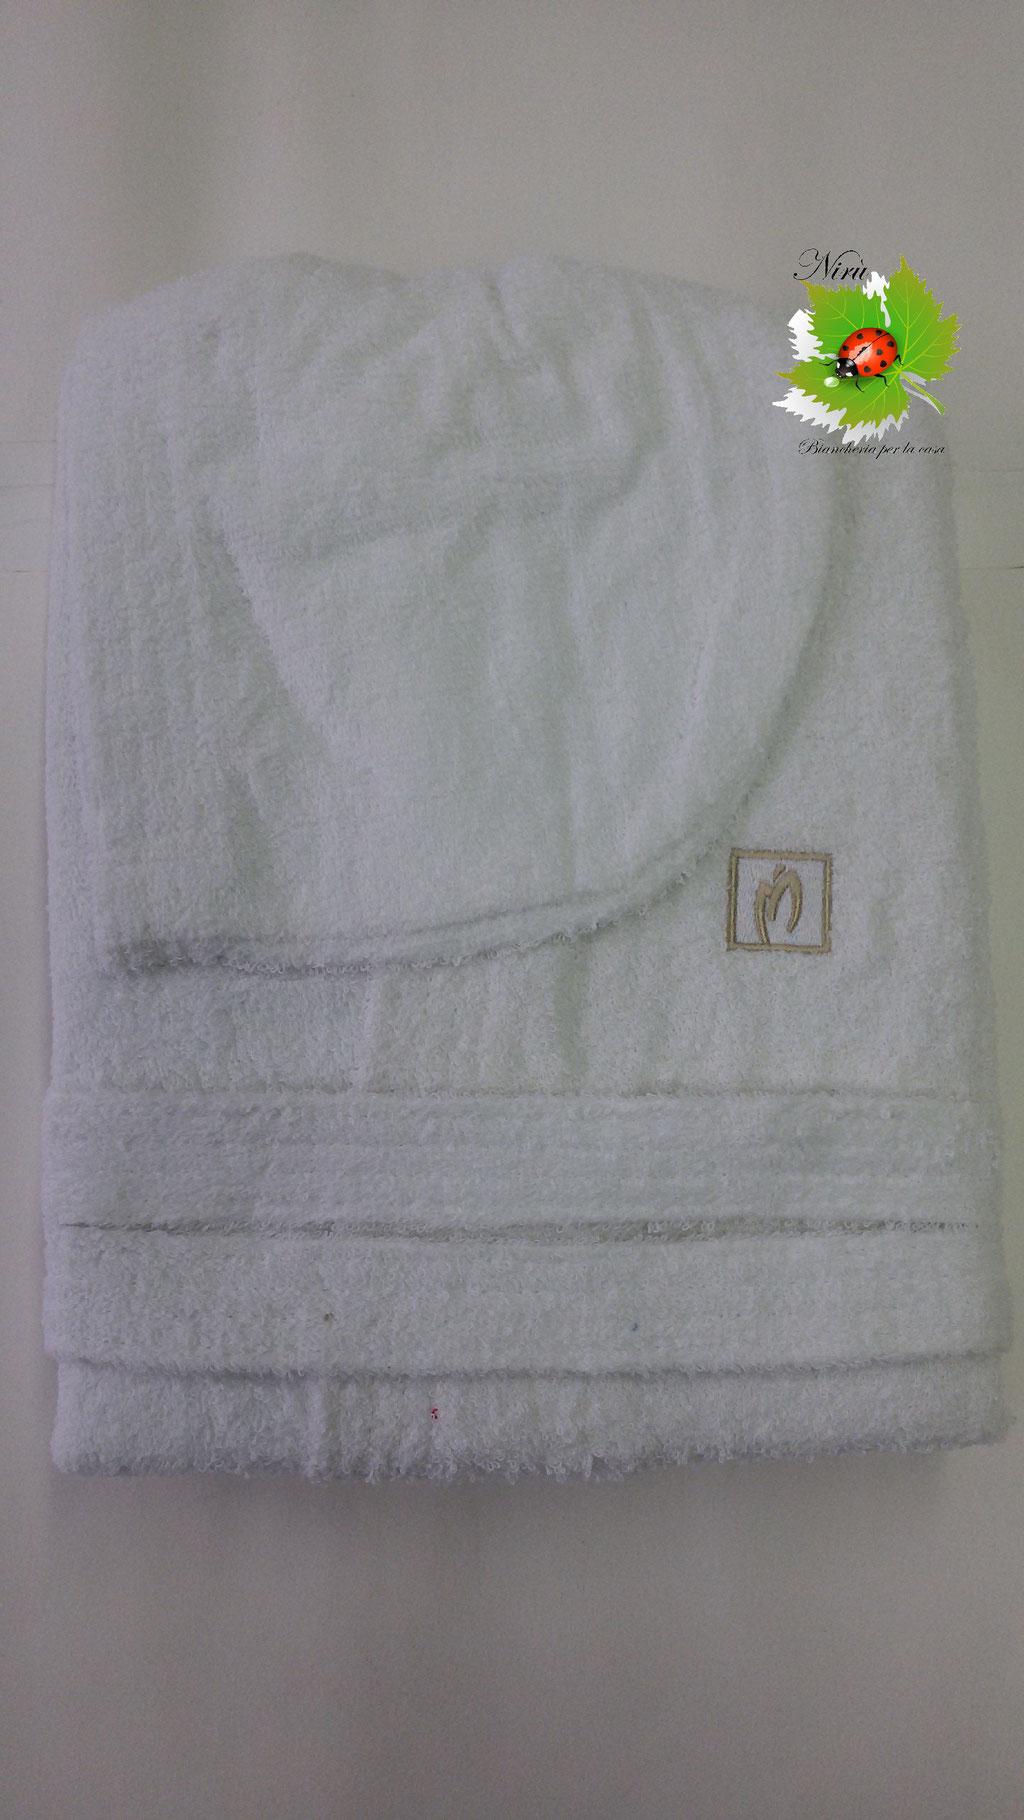 Accappatoio con cappuccio in spugna puro cotone 100% Marta Marzotto. Col.Bianco. B197